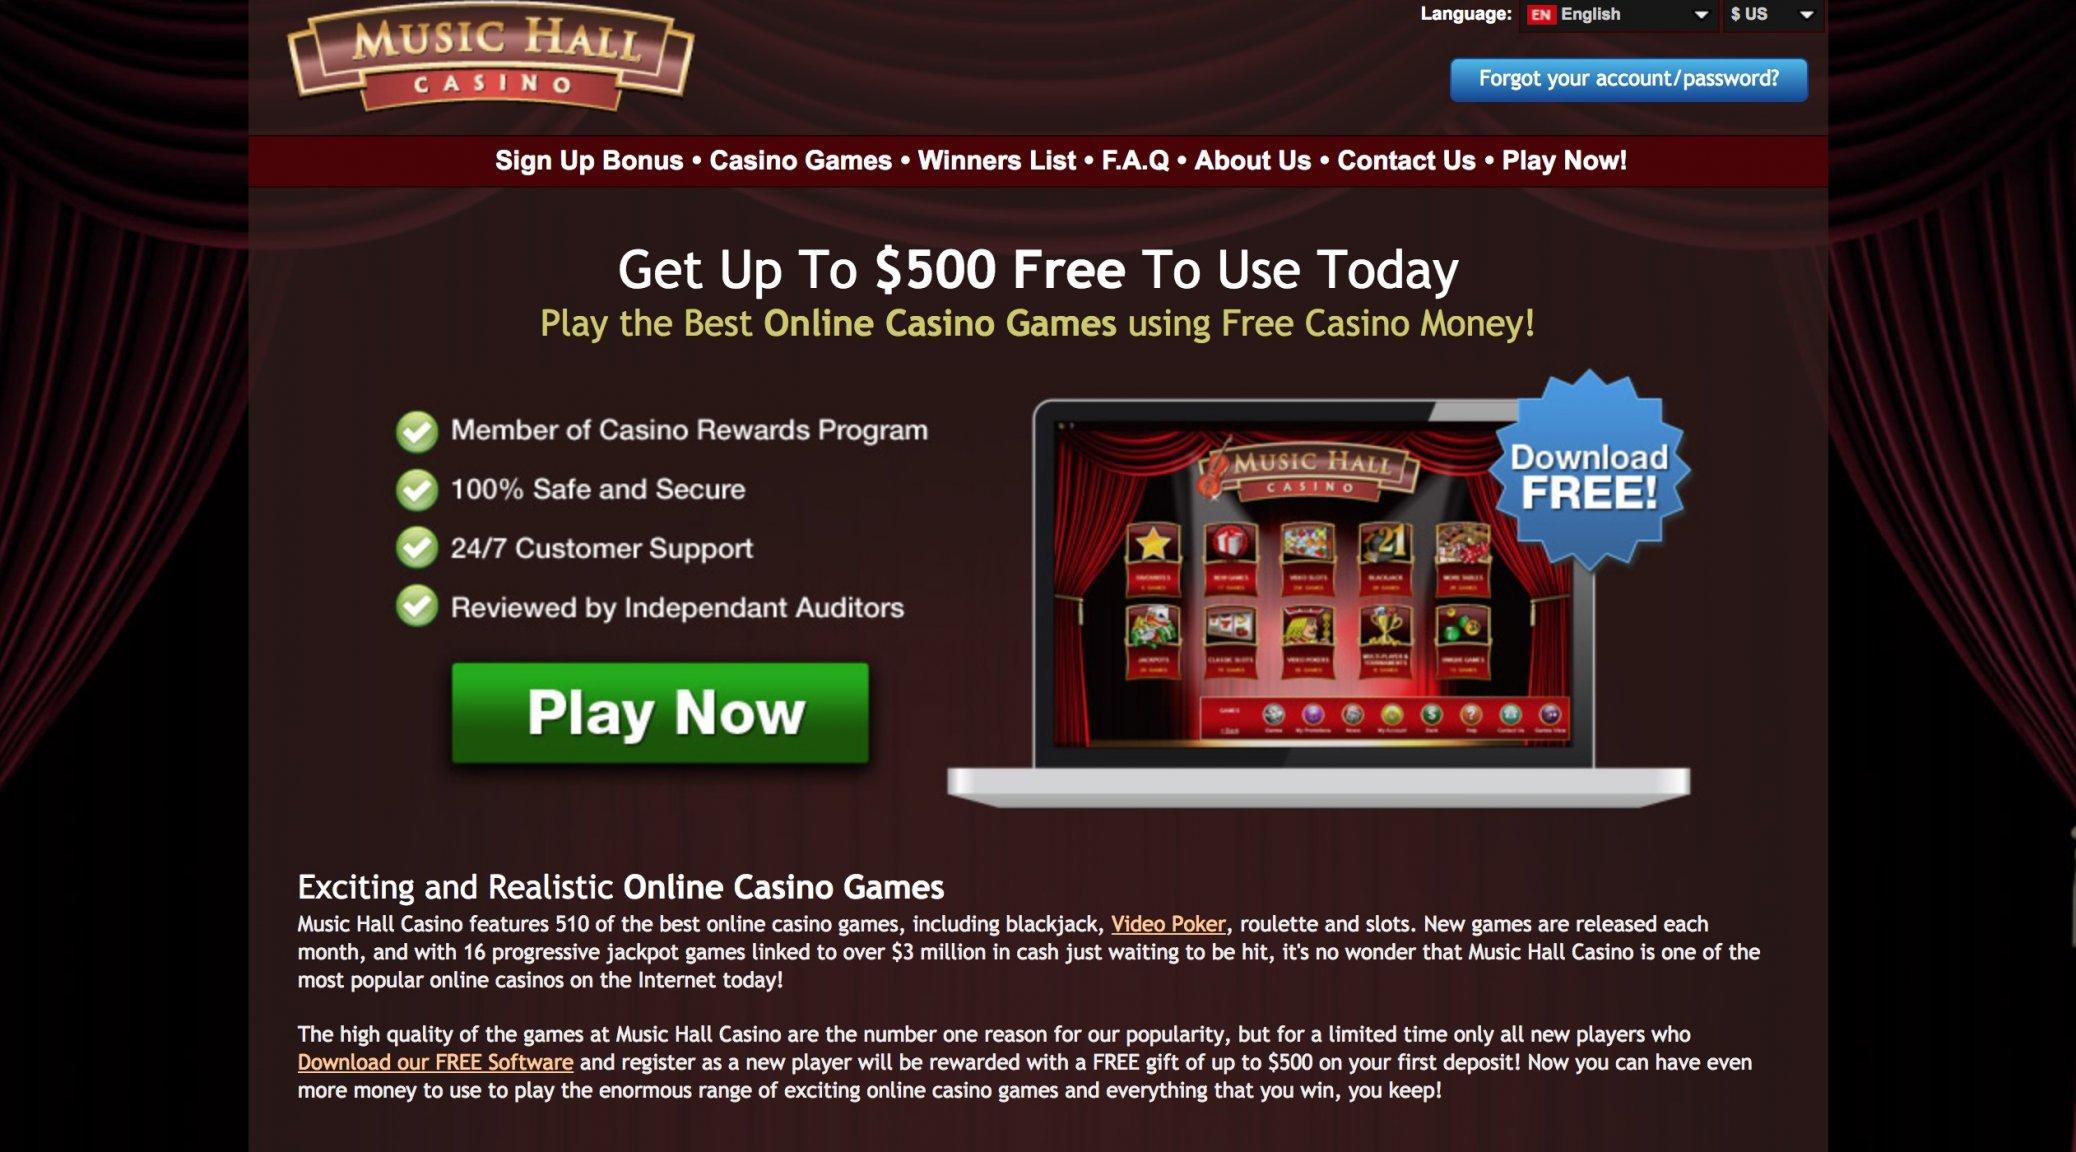 Когда будут ликвидированы все казино и игральные автоматы